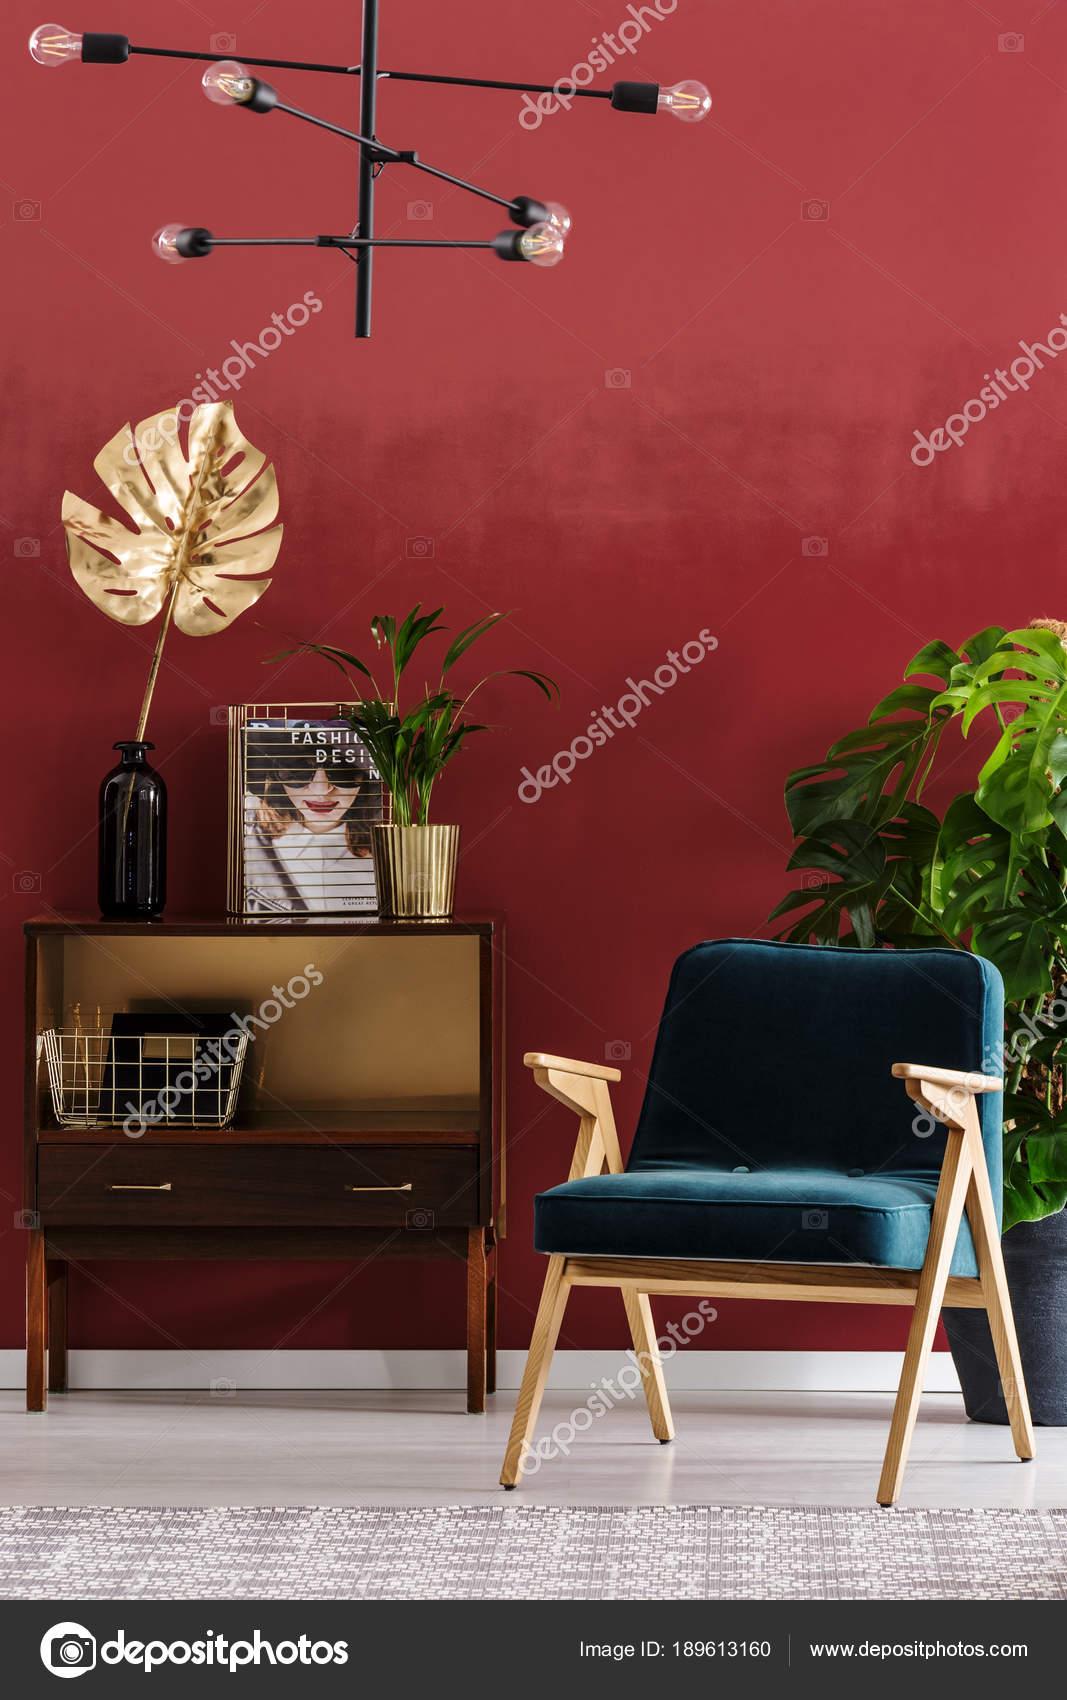 Grün, Aus Holz Sessel Neben Einem Schrank Mit Blattgold In Rot Wohnzimmer  Interieur Mit Lampe U2014 Foto Von Photographee.eu